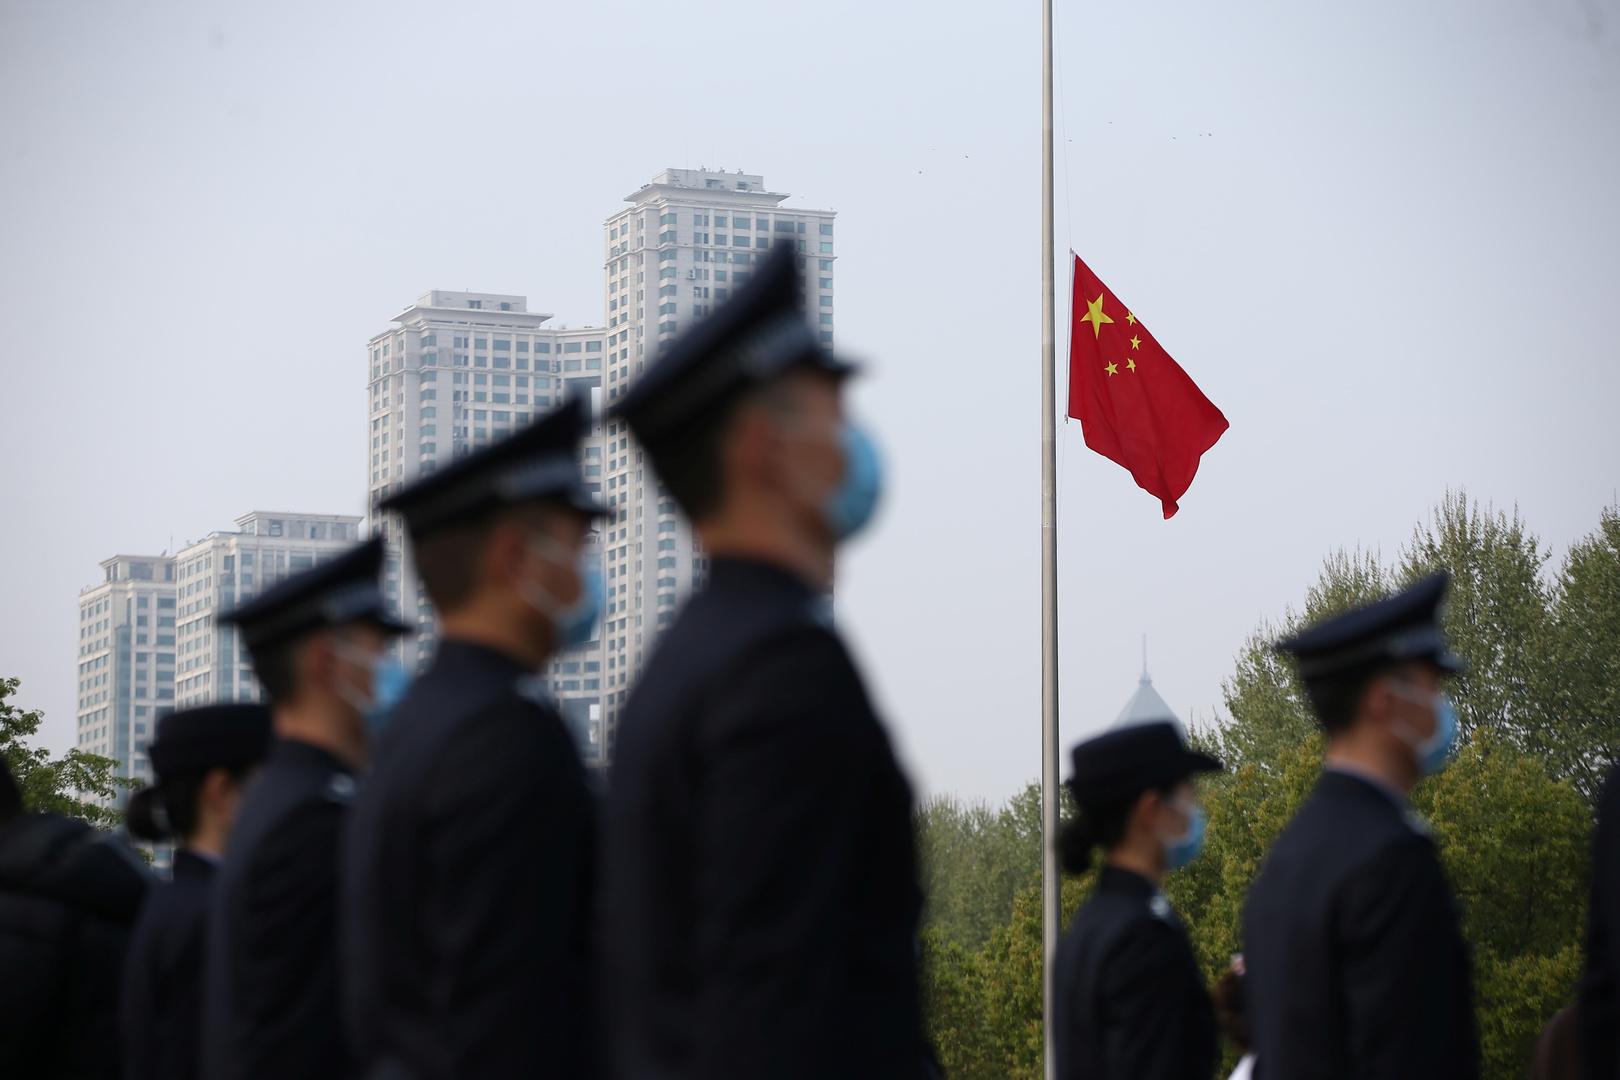 الصين تسجل ارتفاعا في عدد إصابات كورونا على أساس يومي